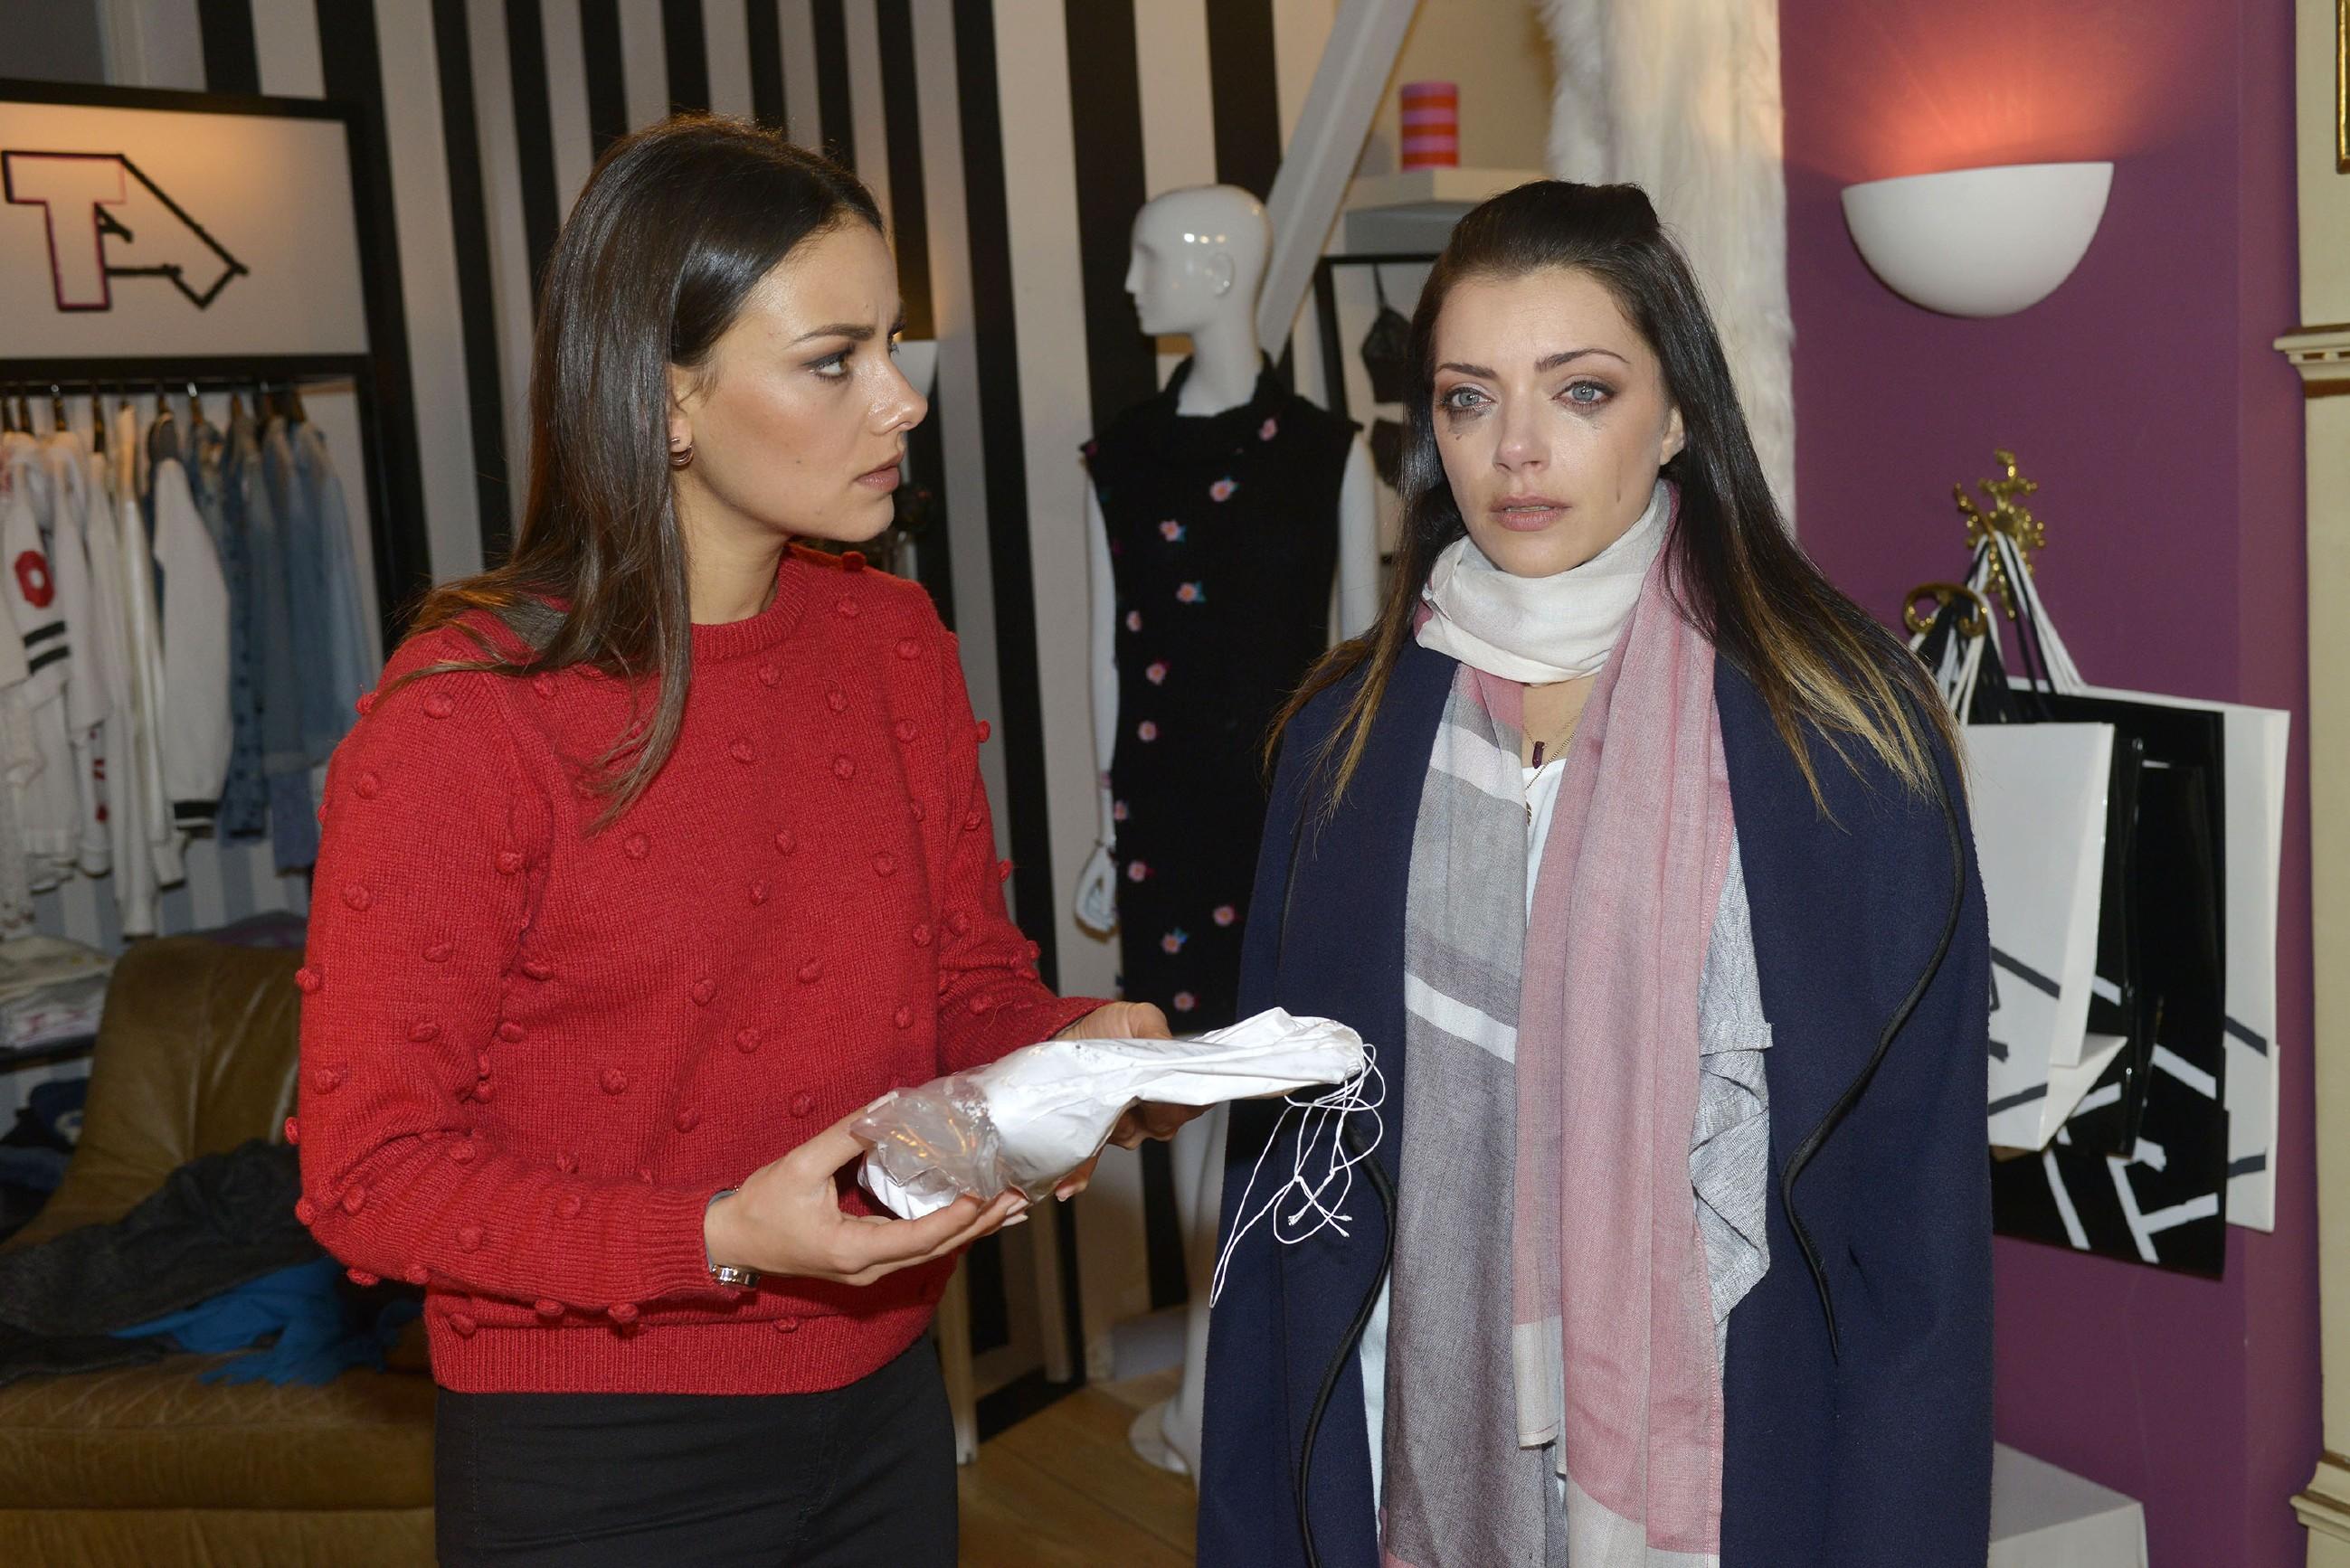 Die völlig aufgelöste Emily (Anne Menden, r.) erklärt Jasmin (Janina Uhse), dass Paul ihre Stilettos - ein Andenken an Tayfun - ruiniert hat. (Quelle: RTL / Rolf Baumgartner)